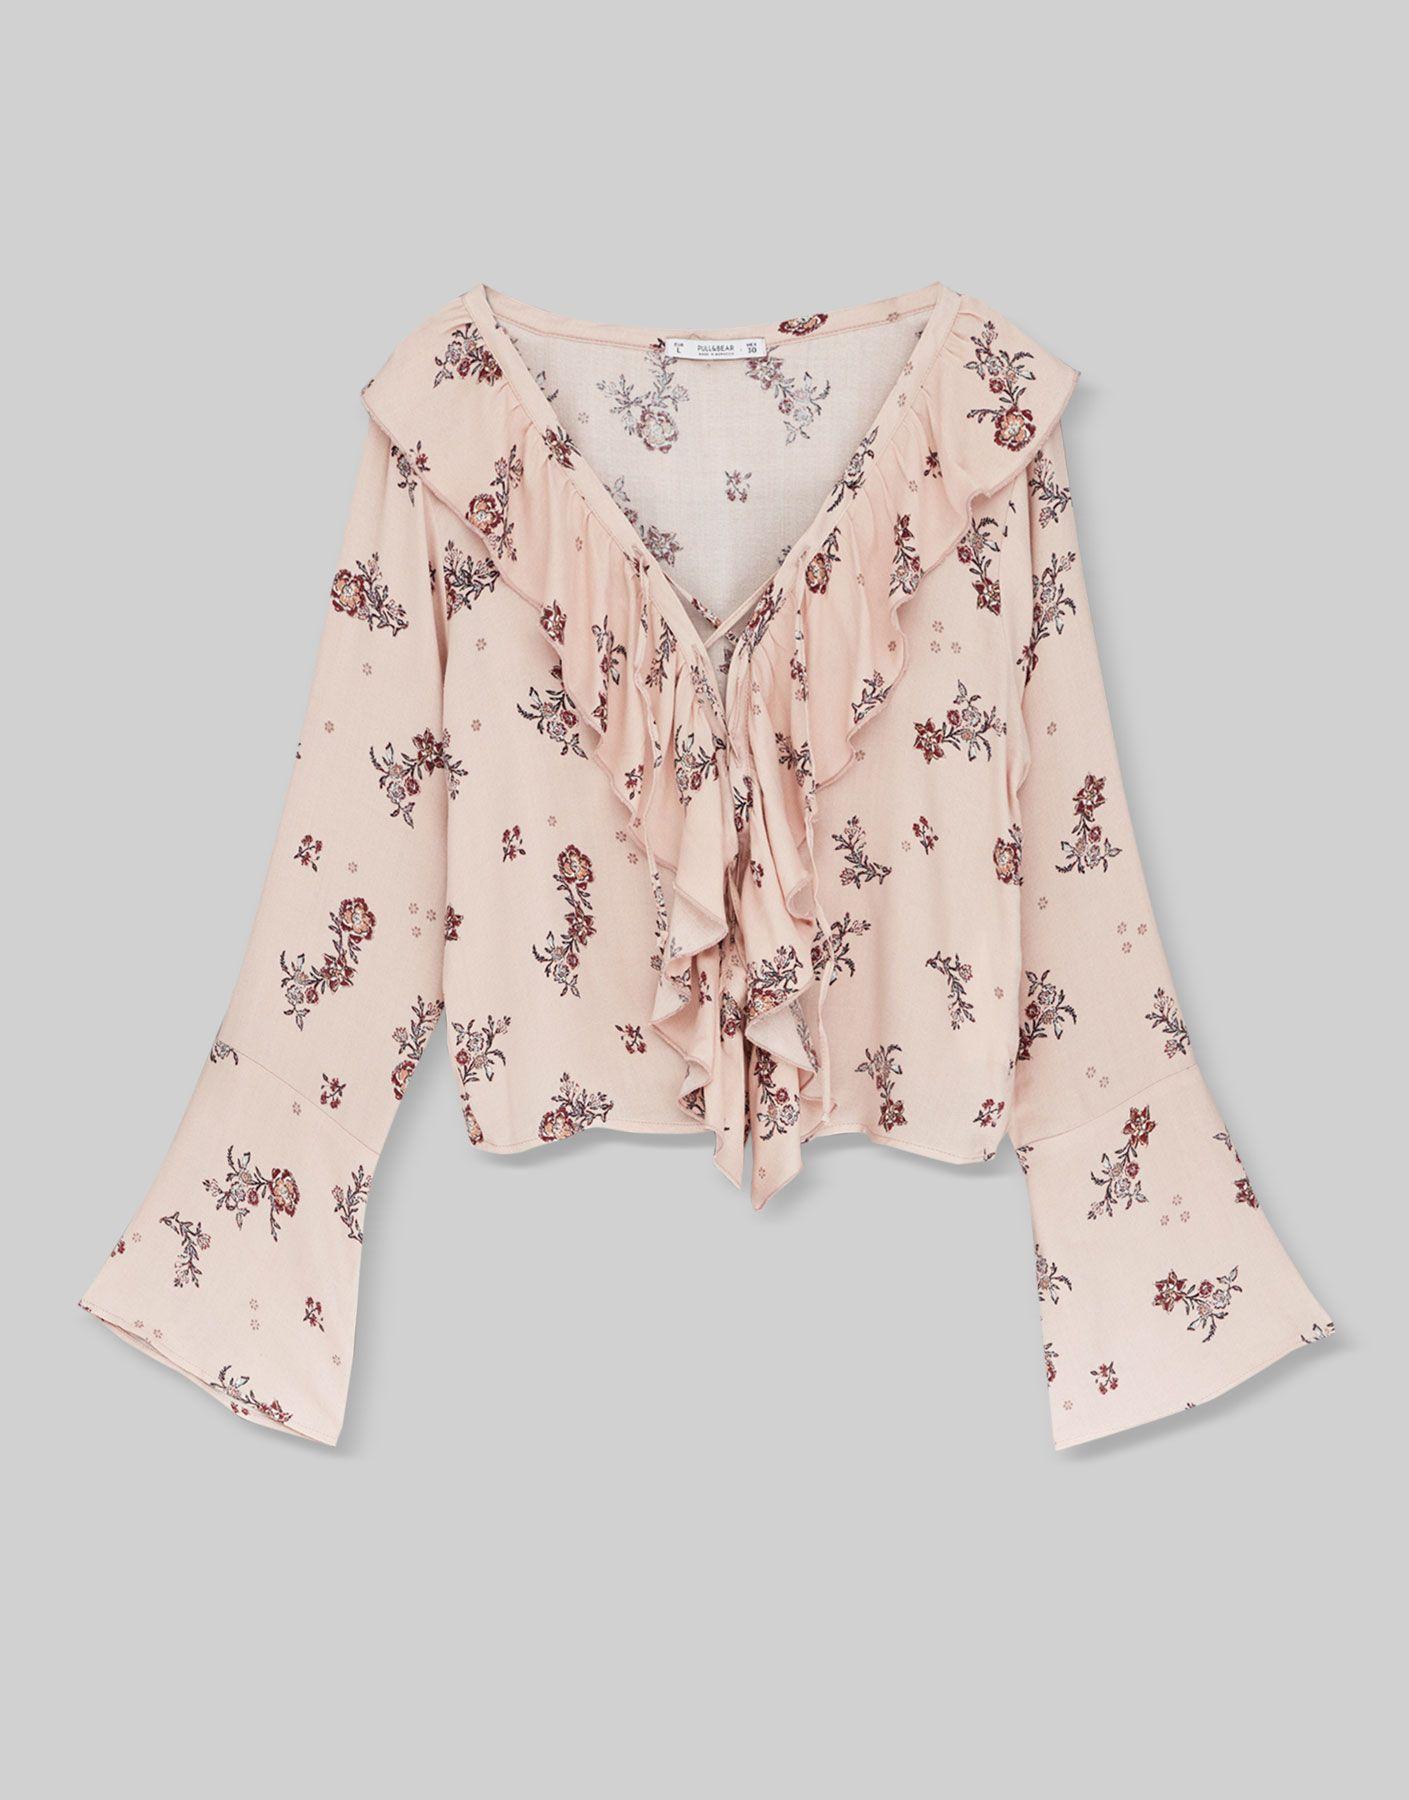 Cuerpo volante estampado - Blusas y camisas - Ropa - Mujer - PULL&BEAR México